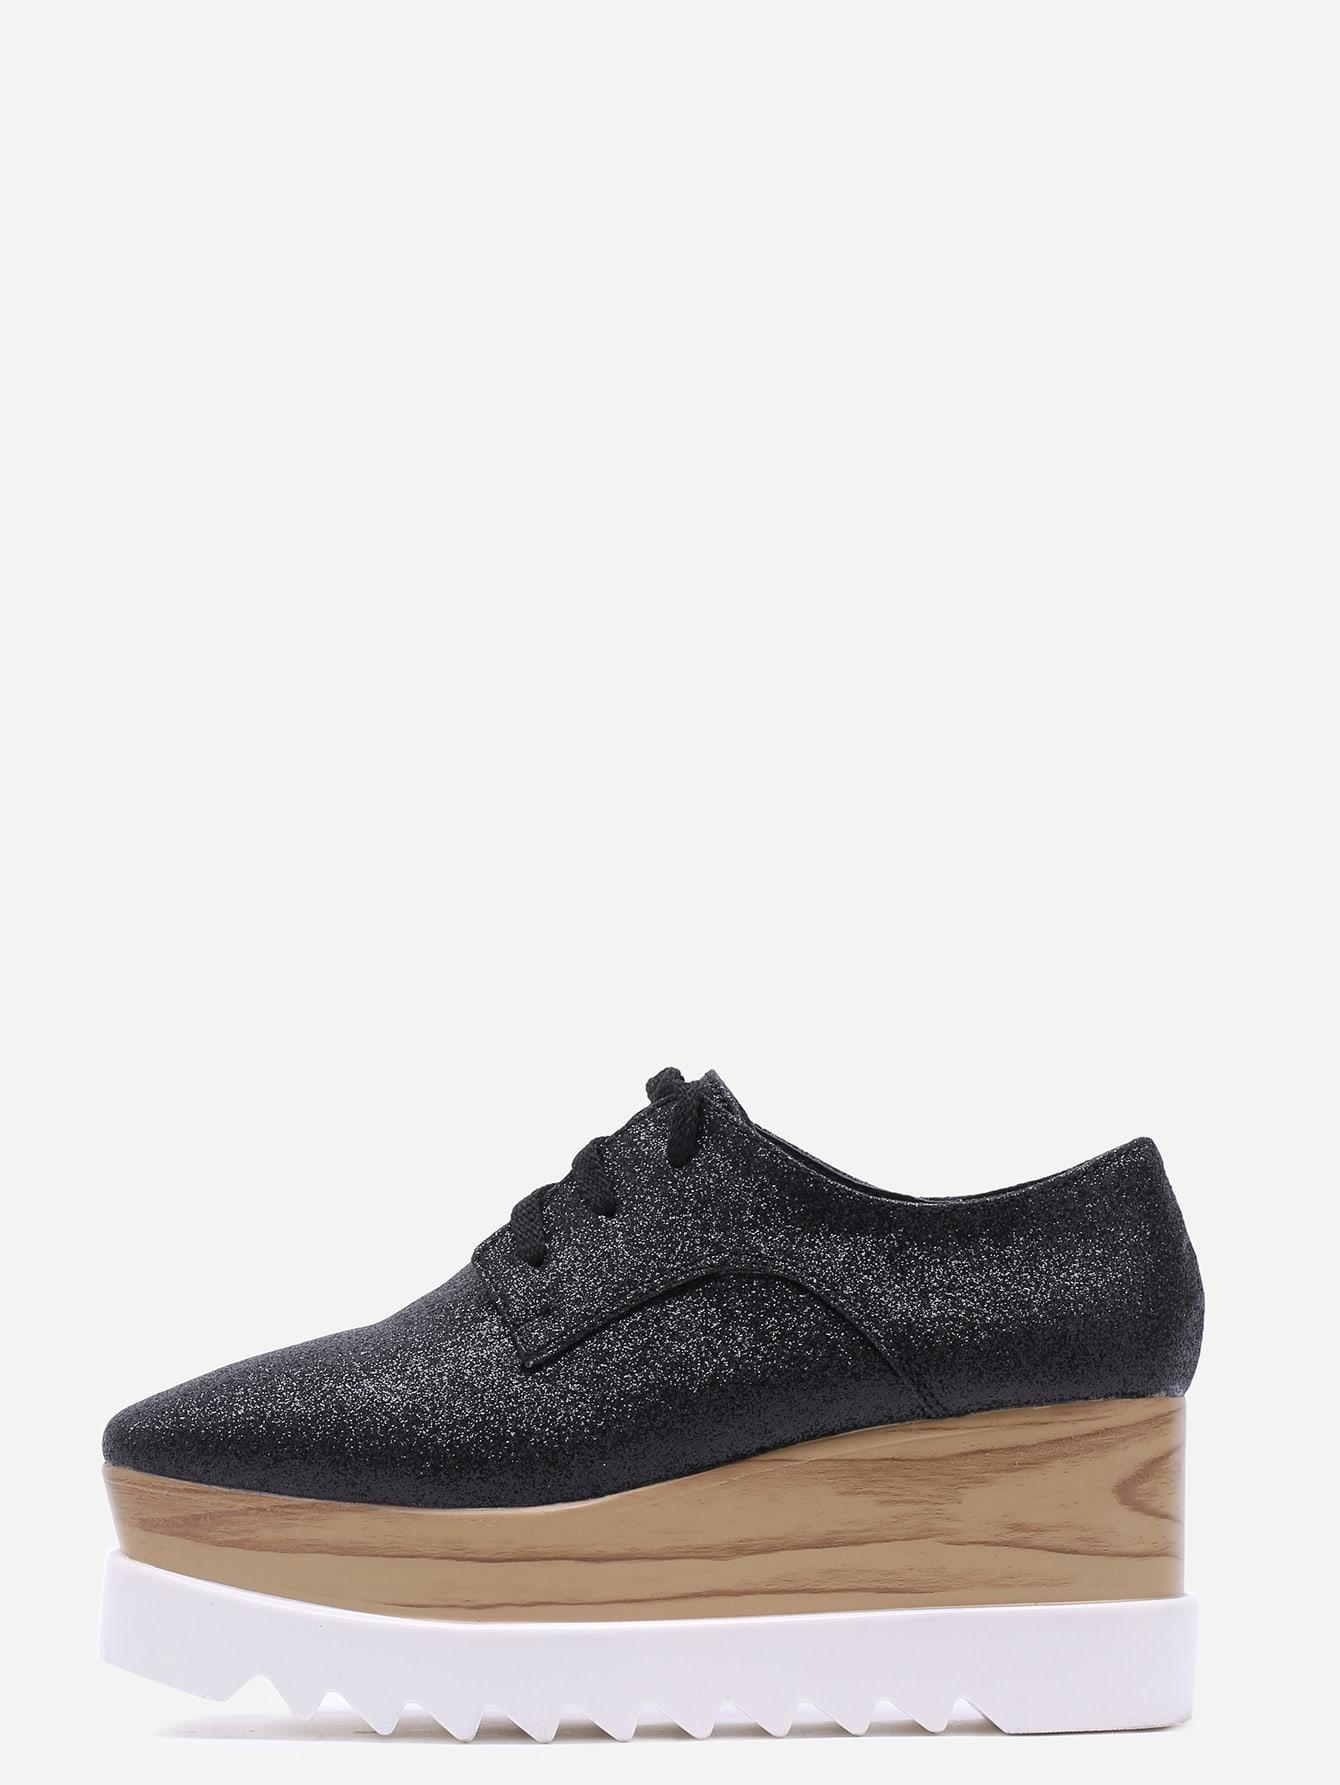 shoes161014801_2